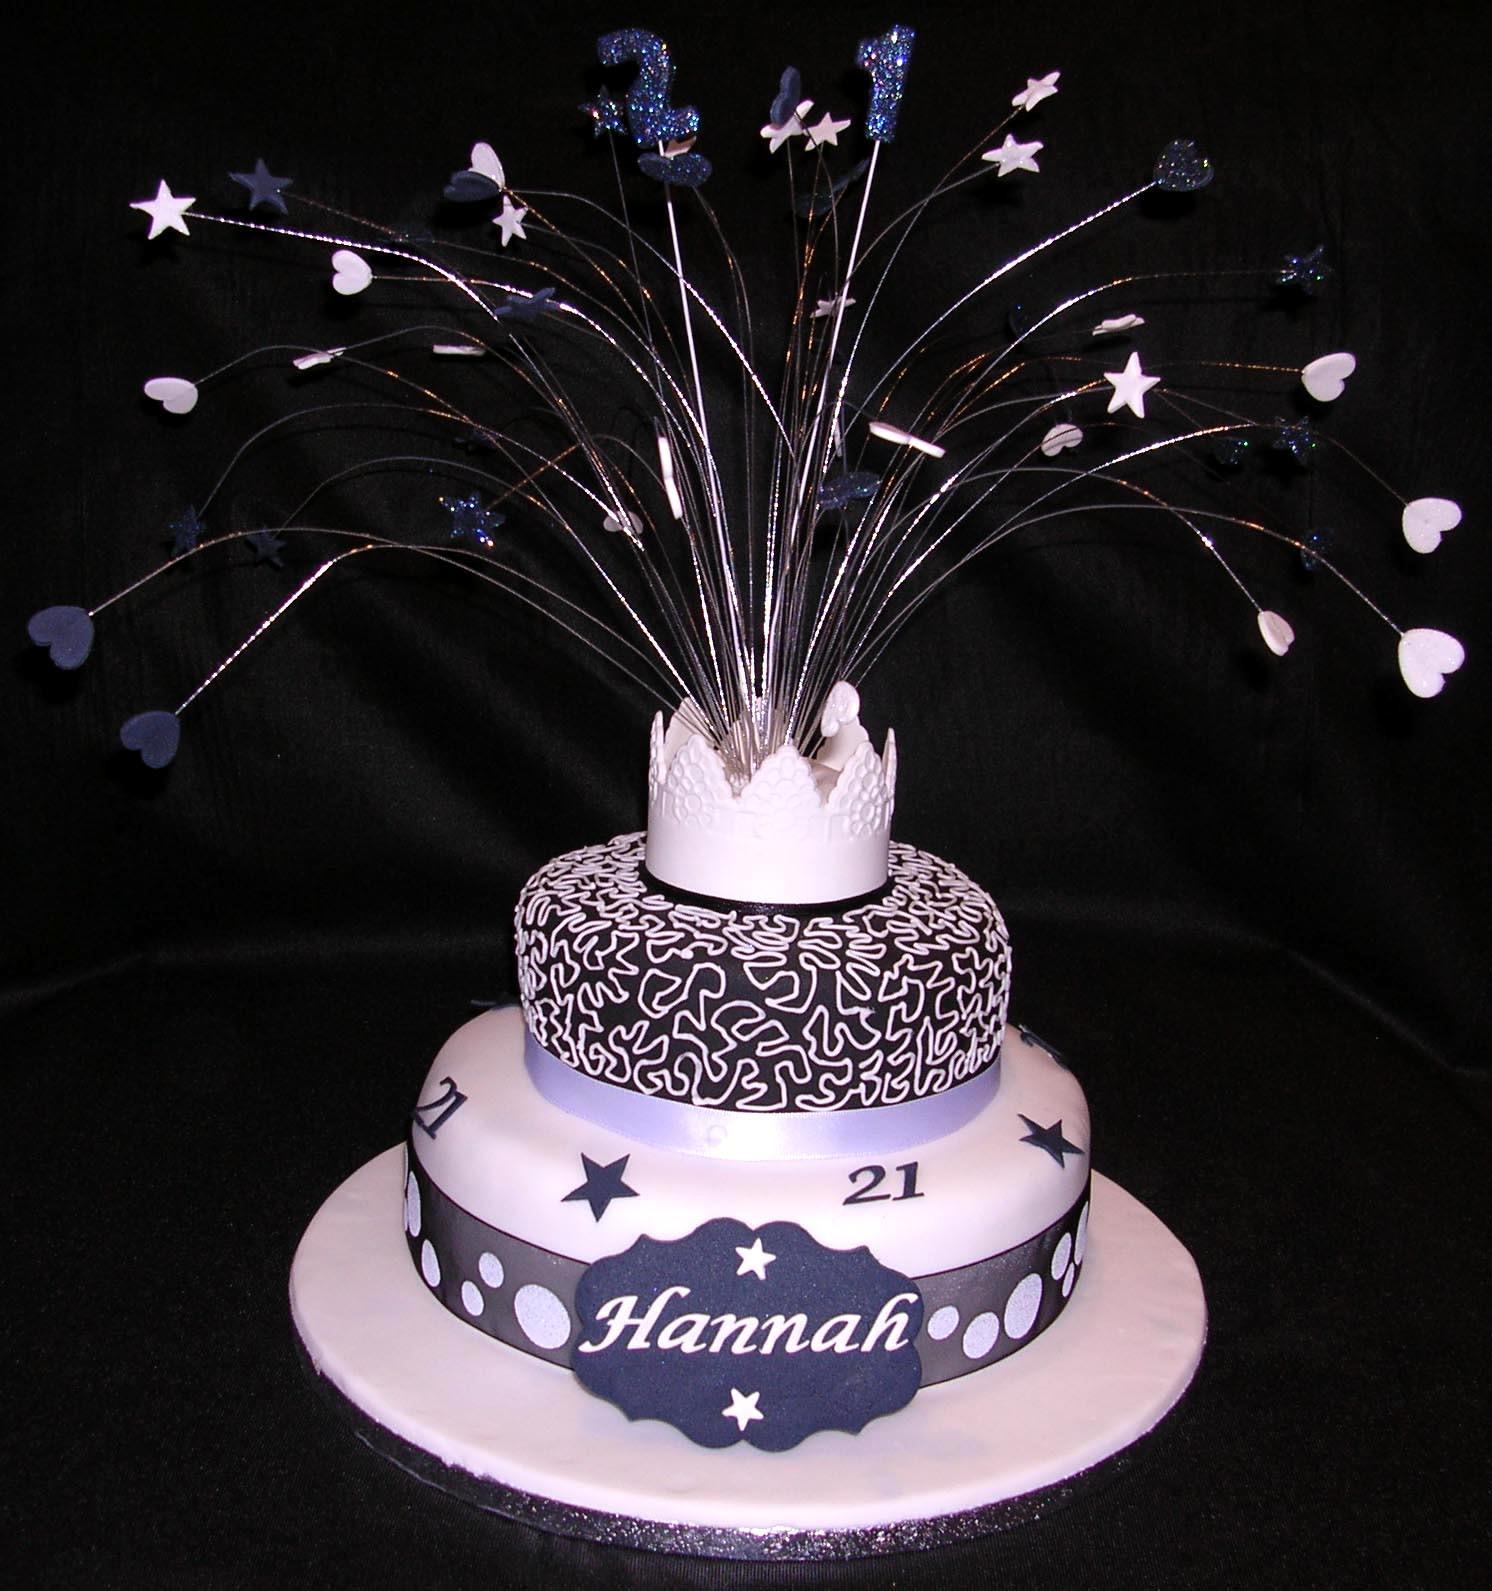 21St Birthday Cake  Birthday Cakes